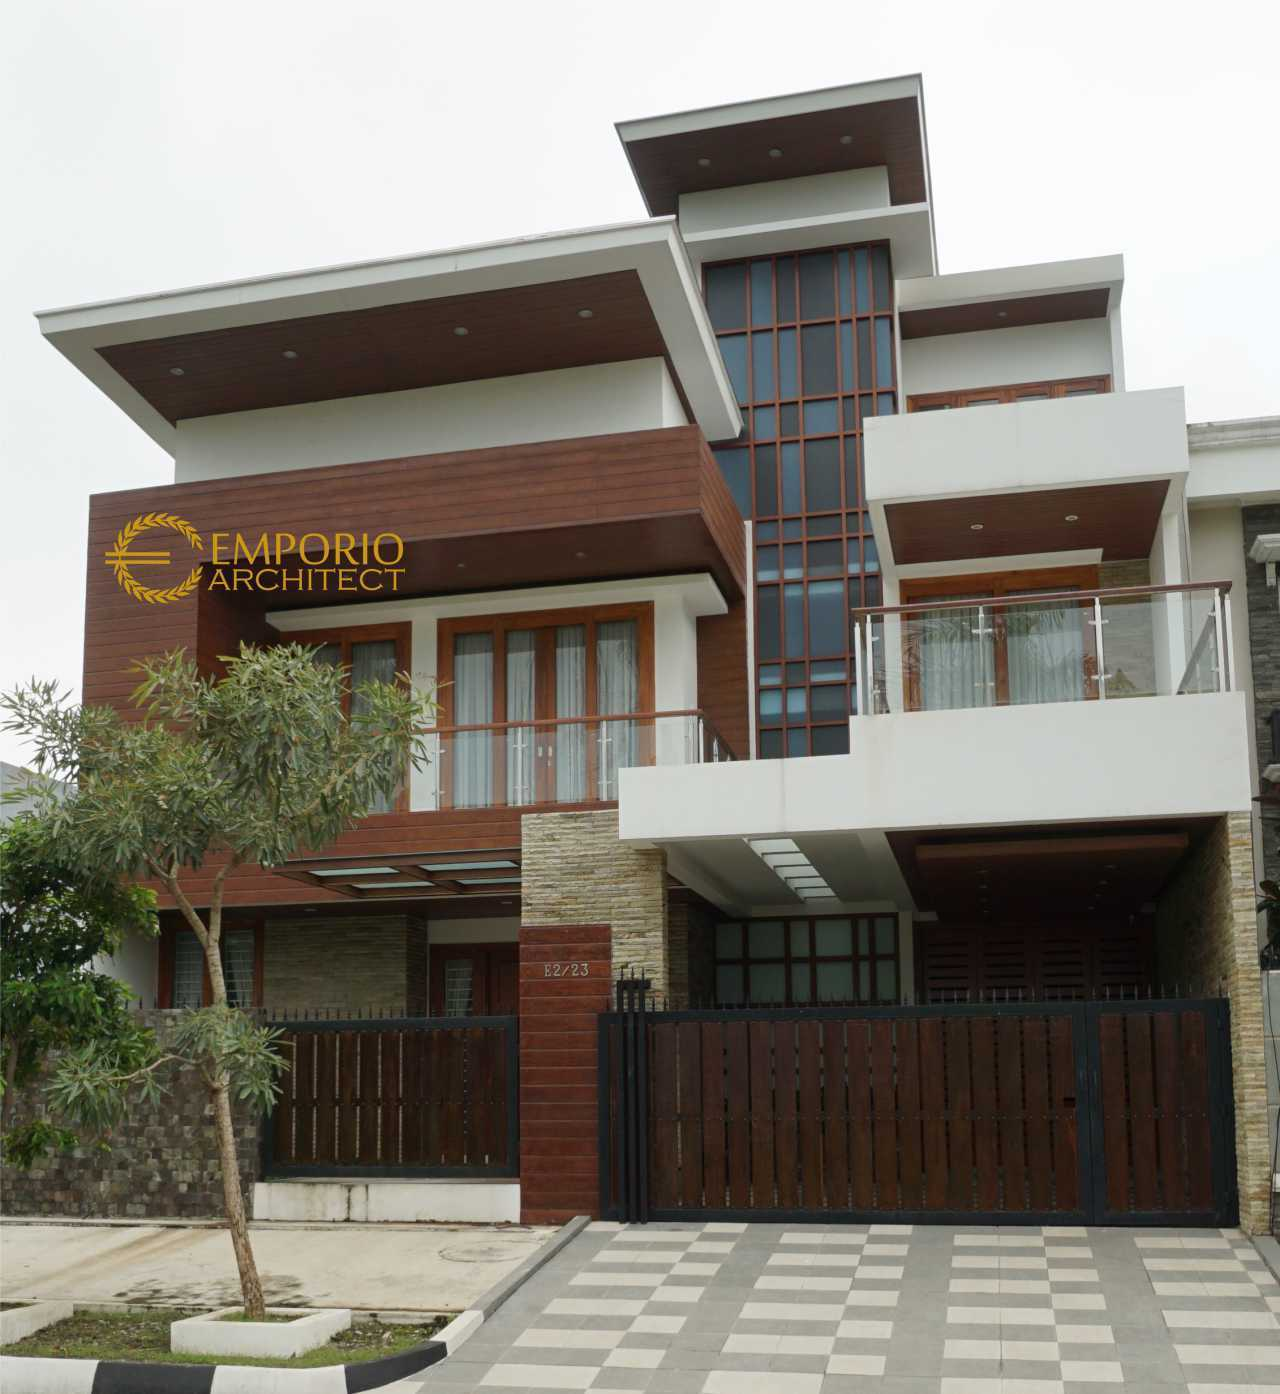 Emporio Architect Jasa Arsitek Tangerang Hasil Konstruksi Rumah Modern Tropis 276 @ Tangerang Tangerang, Kota Tangerang, Banten, Indonesia Tangerang, Kota Tangerang, Banten, Indonesia Emporio-Architect-Jasa-Arsitek-Tangerang-Hasil-Konstruksi-Rumah-Modern-Tropis-276-Tangerang  86569